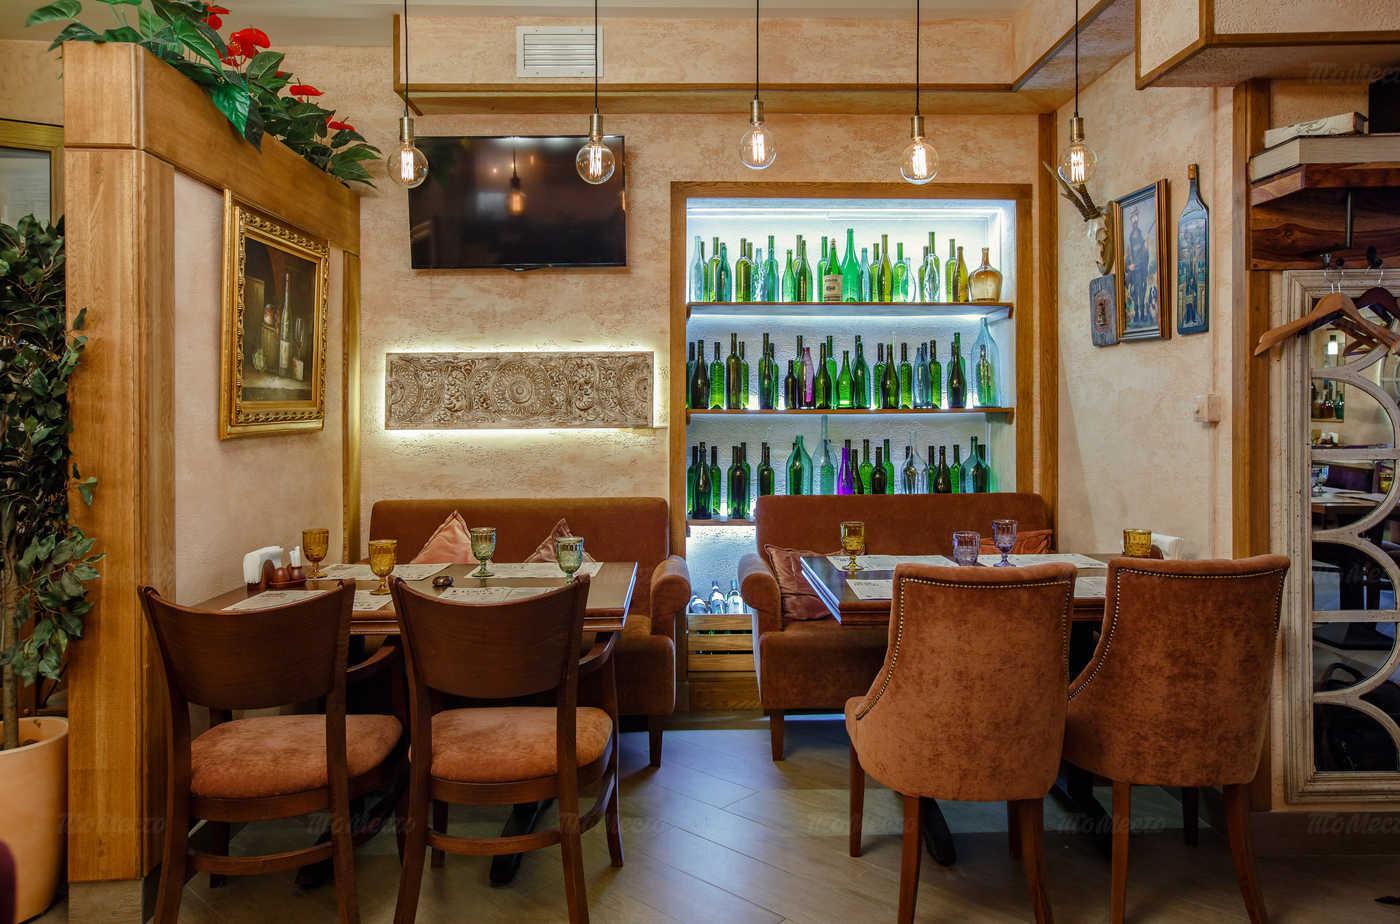 Кафе Этнос в Кузнечном переулке фото 5